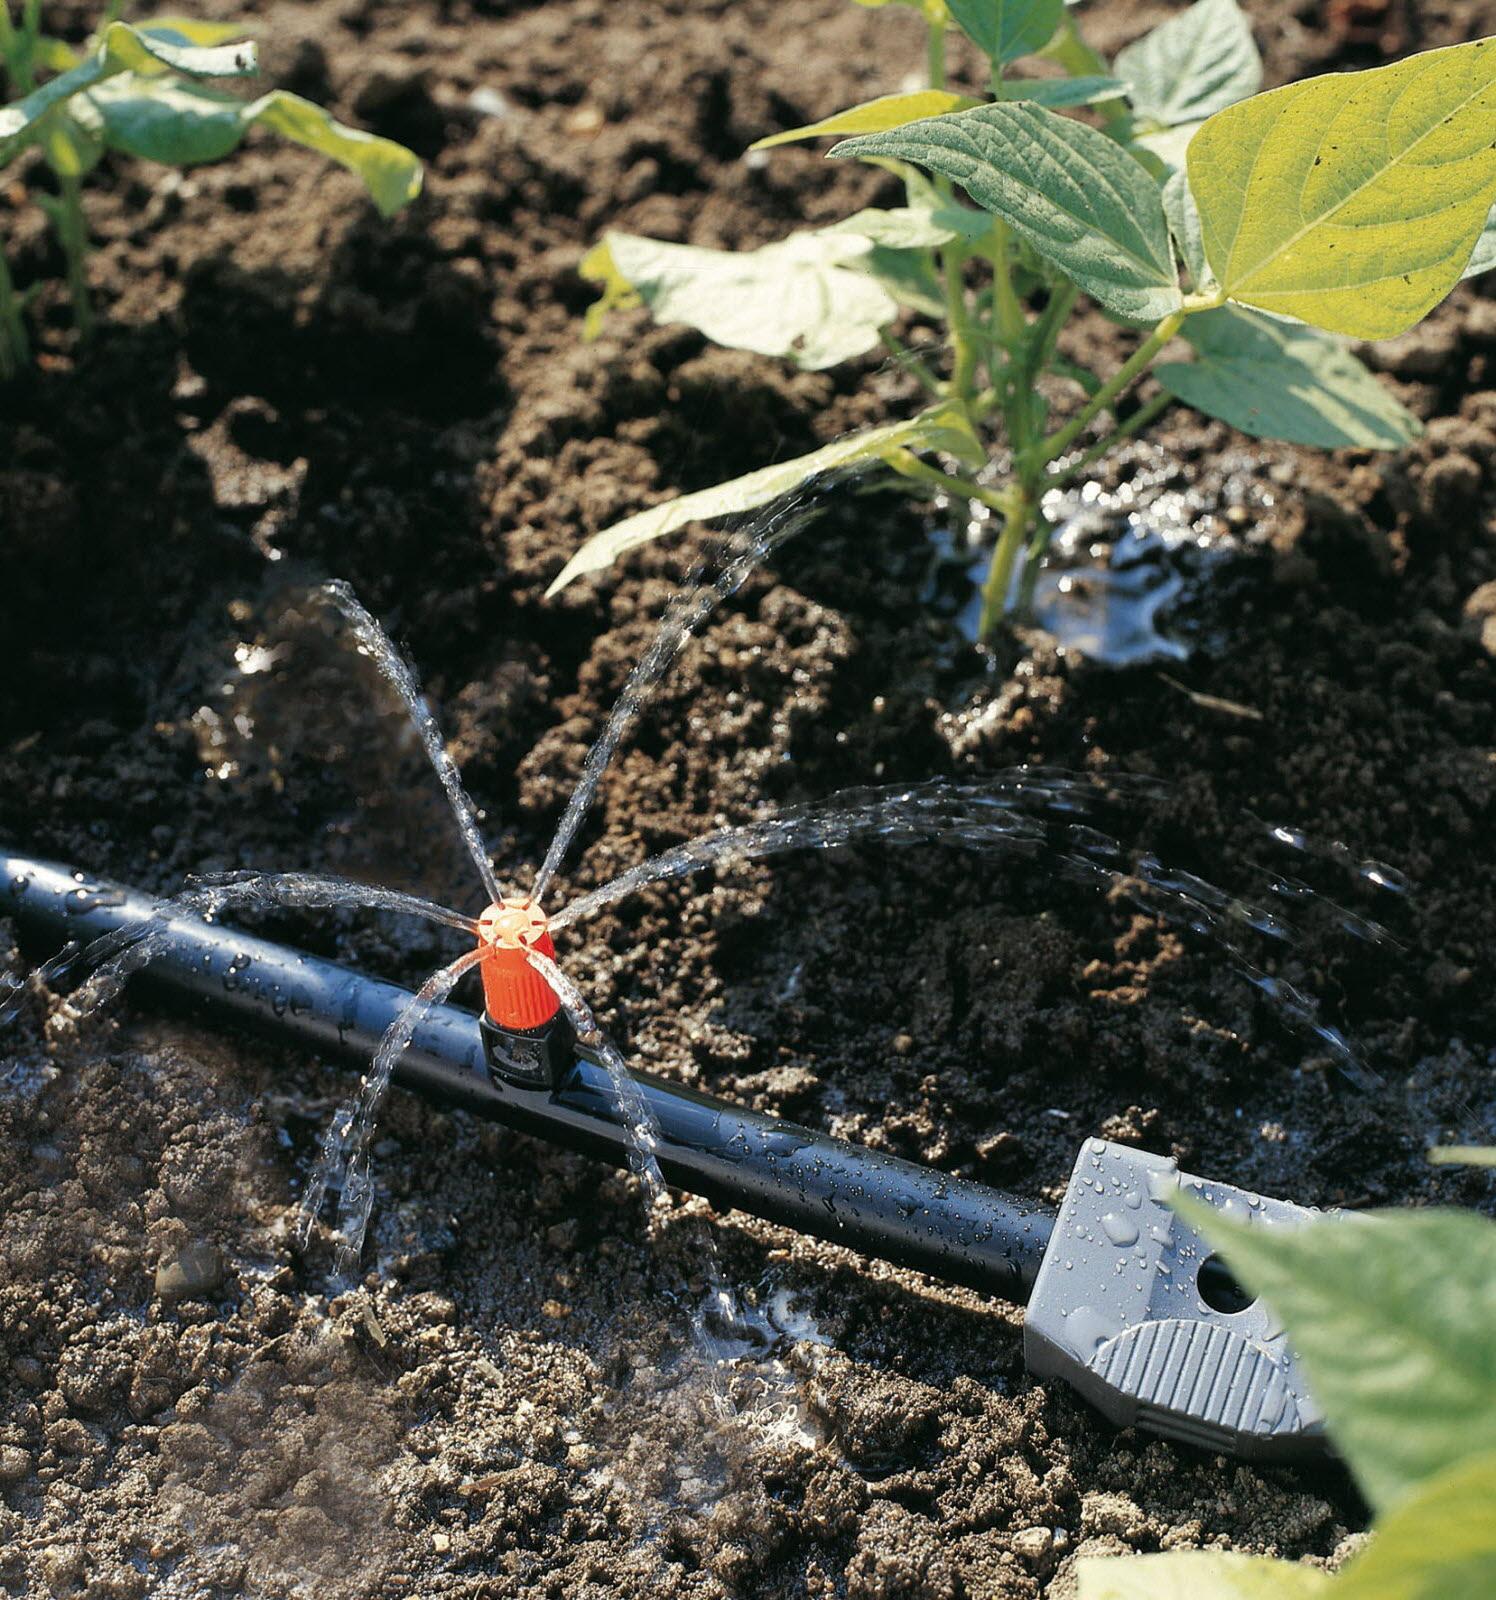 Environnement   Terrasse : Arrosage Sur Mesure intérieur Arrosage Goutte A Goutte Jardin